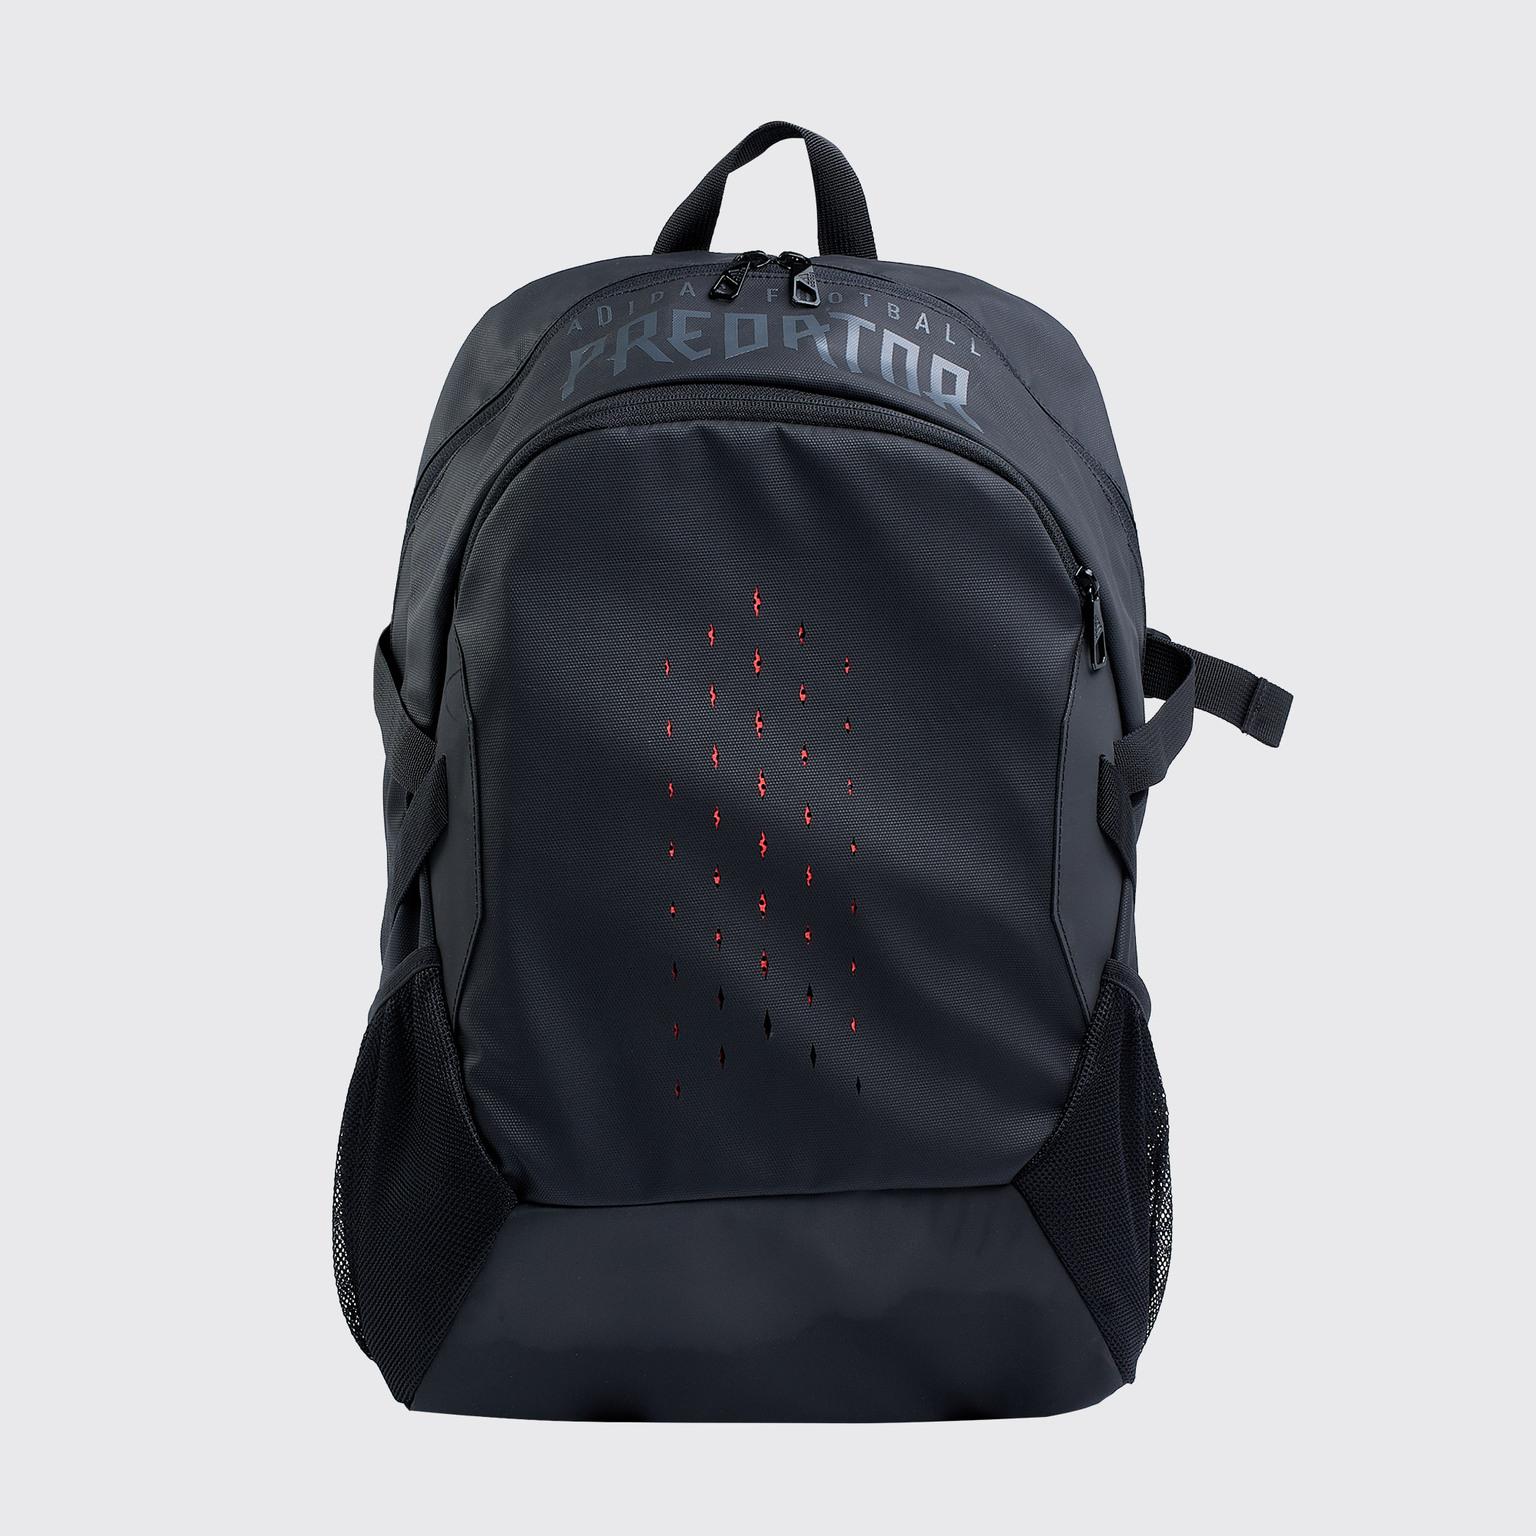 Рюкзак Adidas Predator FI9340 корзина универсальная metaltex pandino цвет малиновый 33 см х 12 см х 9 см